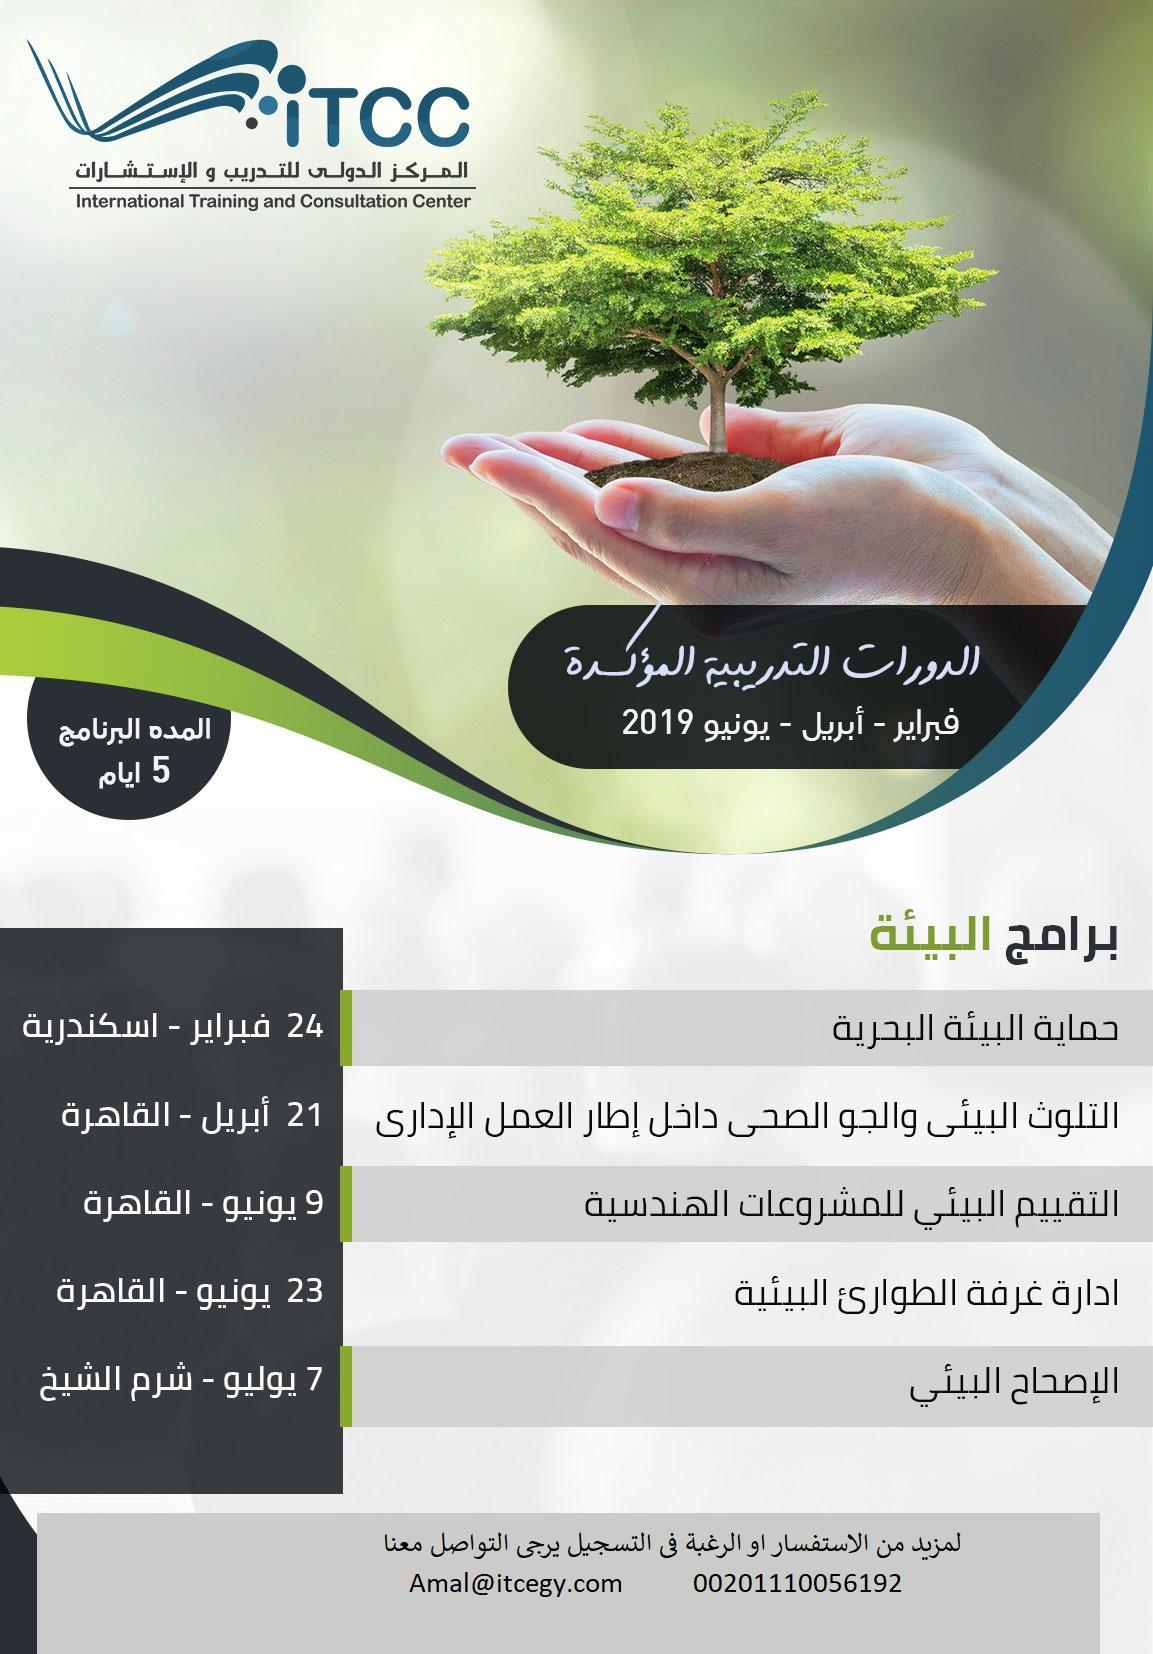 #دورة تأهيل نظام التخطيط البيئي